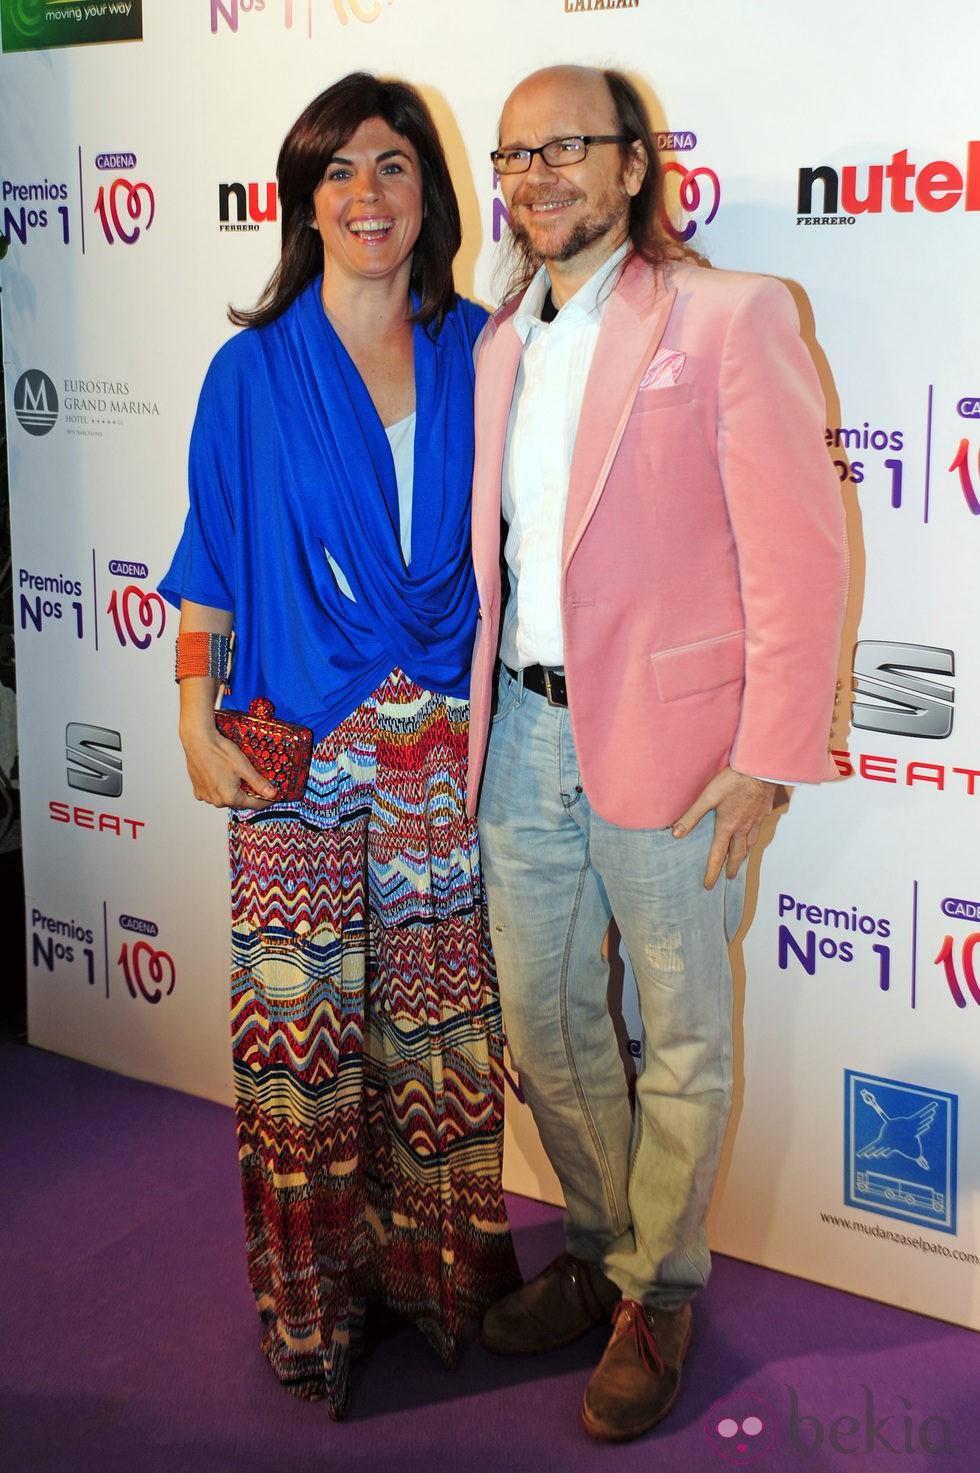 Samanta Villar y Santiago Segura en la entrega de los Premios Nos 1 de Cadena 100